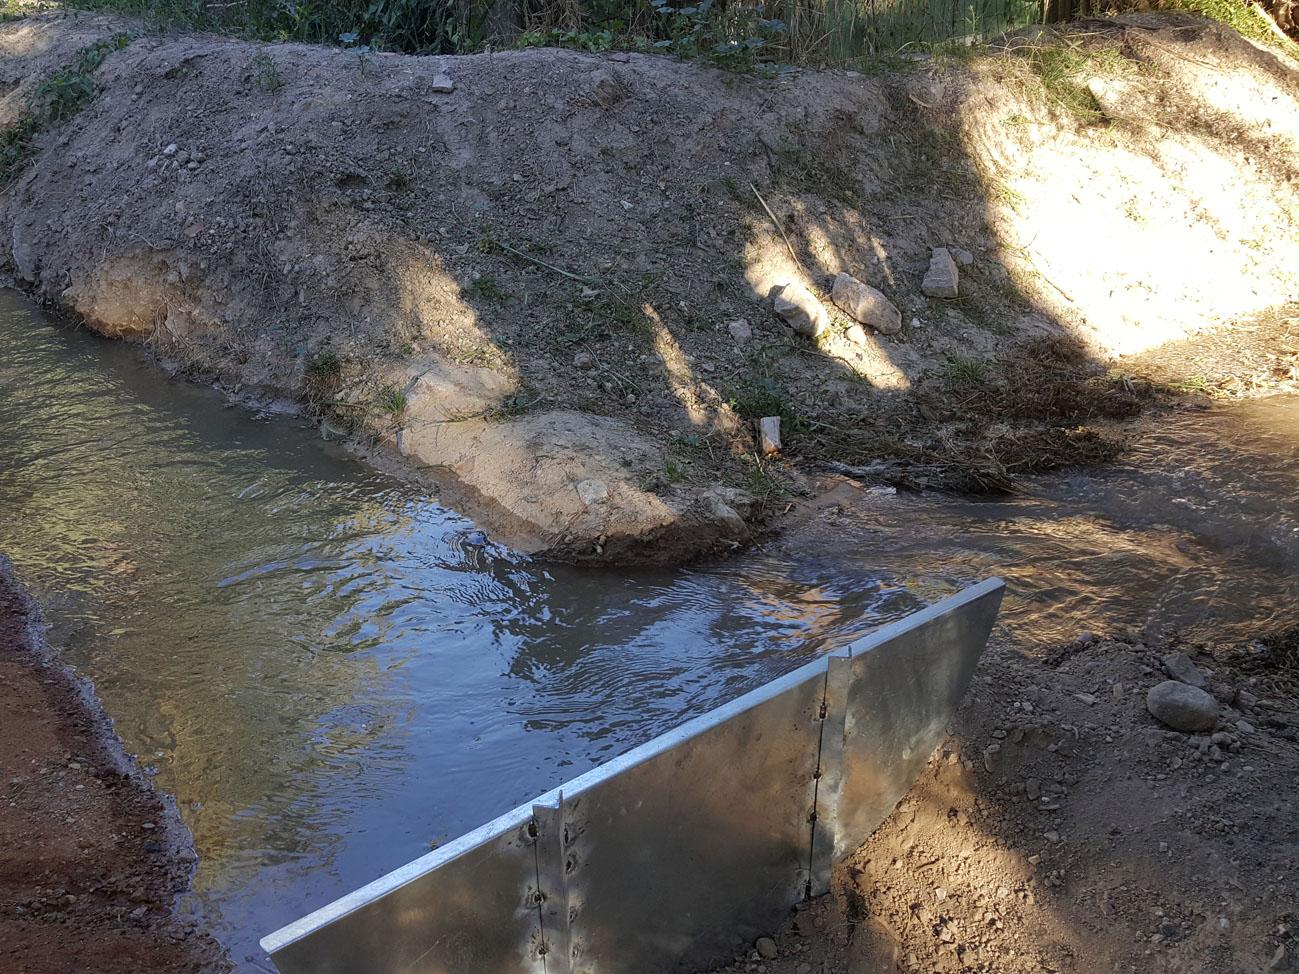 El agua por las acequias, un sistema tradicional de riego de la Huerta de Murcia. Imagen: Ayuntamiento de Murcia